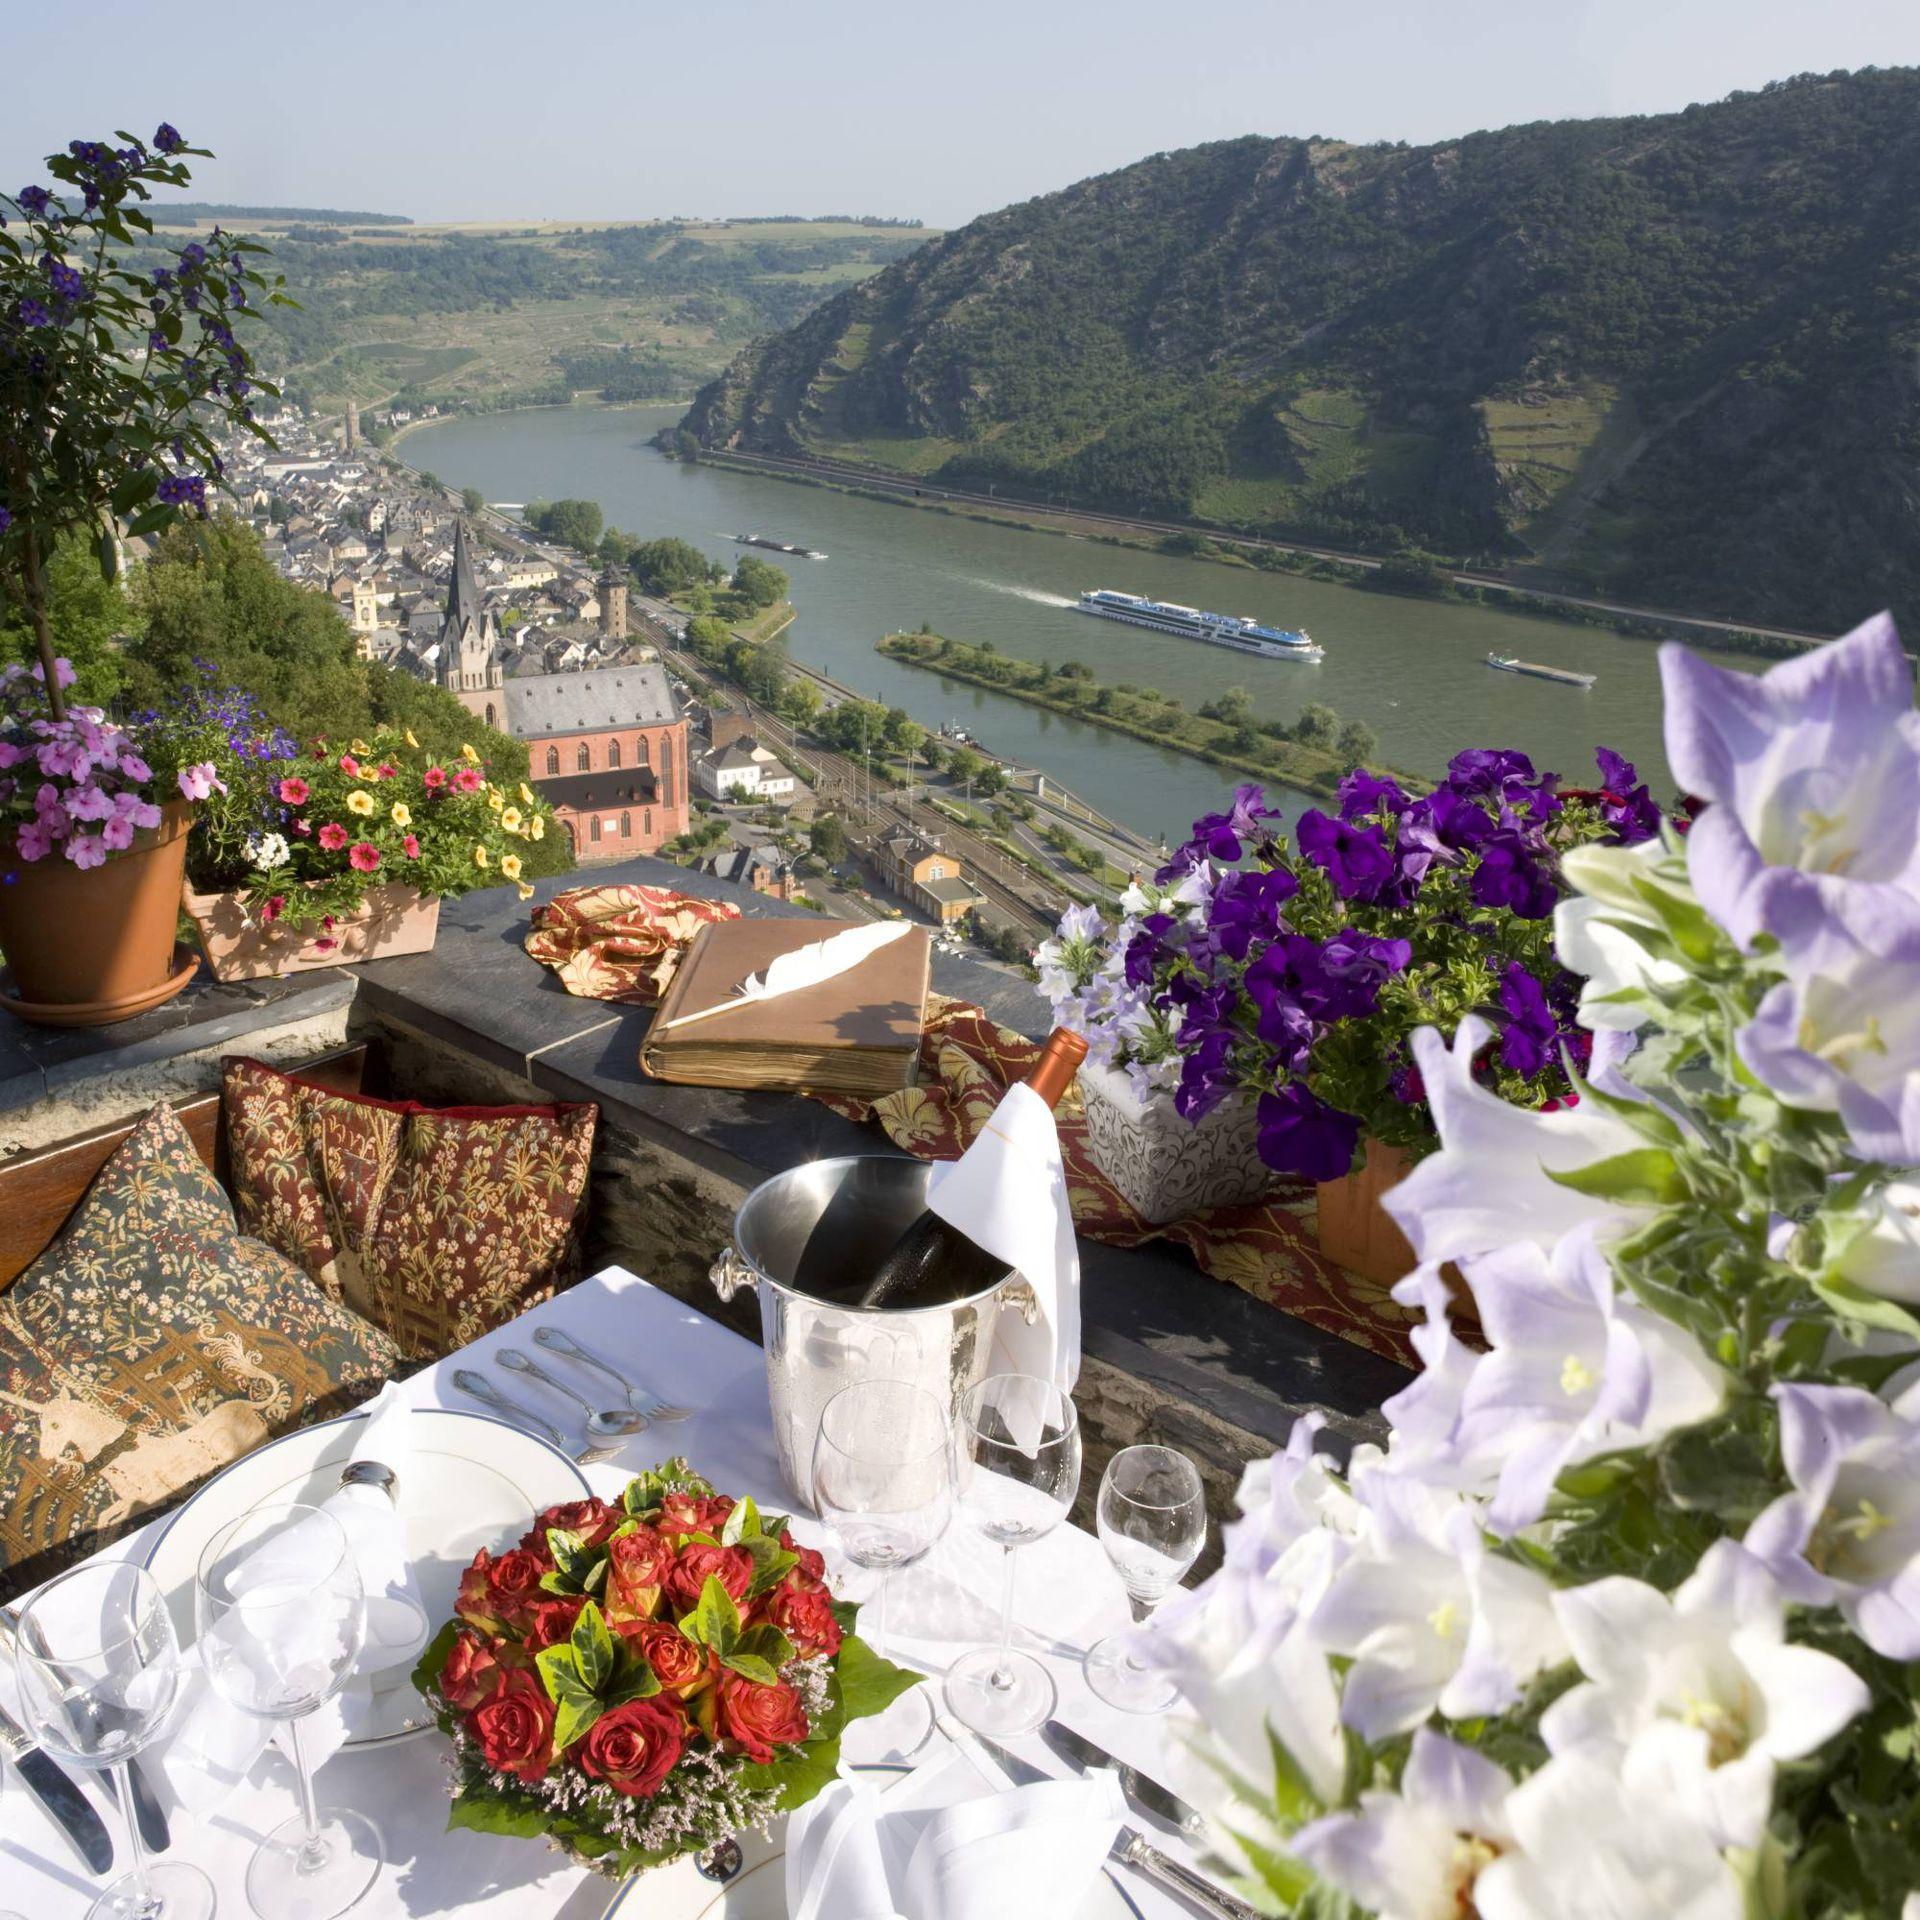 El desayuno con una vista idílica hacia el río Rin.  Cortesía Guido Werner.